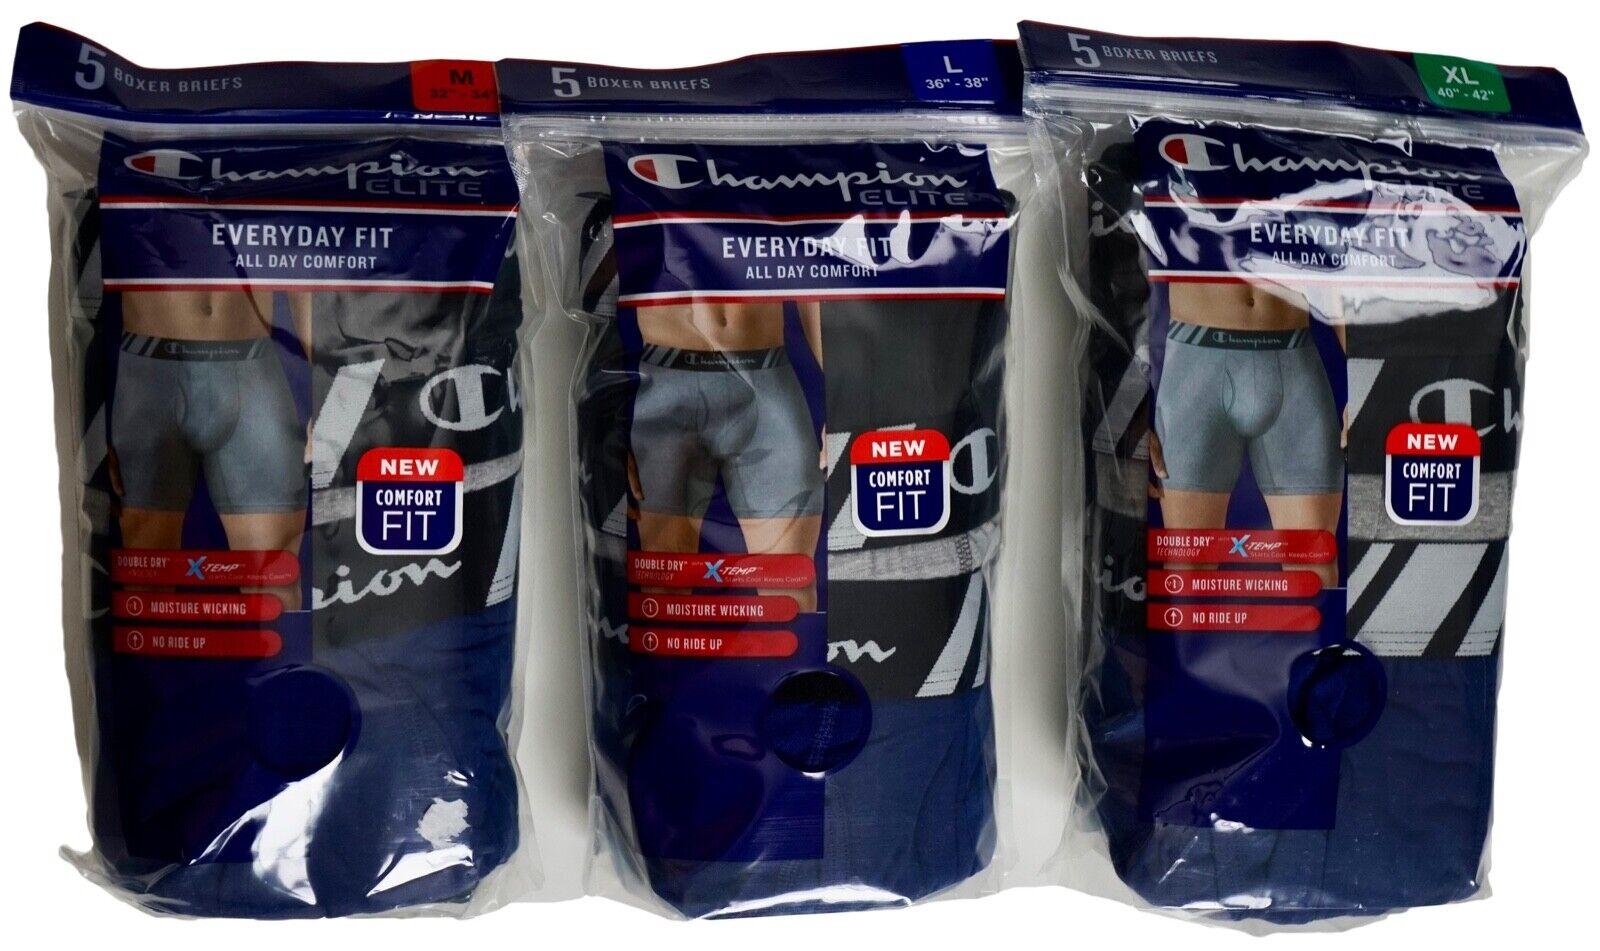 ELITE Boxer Briefs X-TEMP M *Champion Mens, Two 5 packs Open Bag NWOT